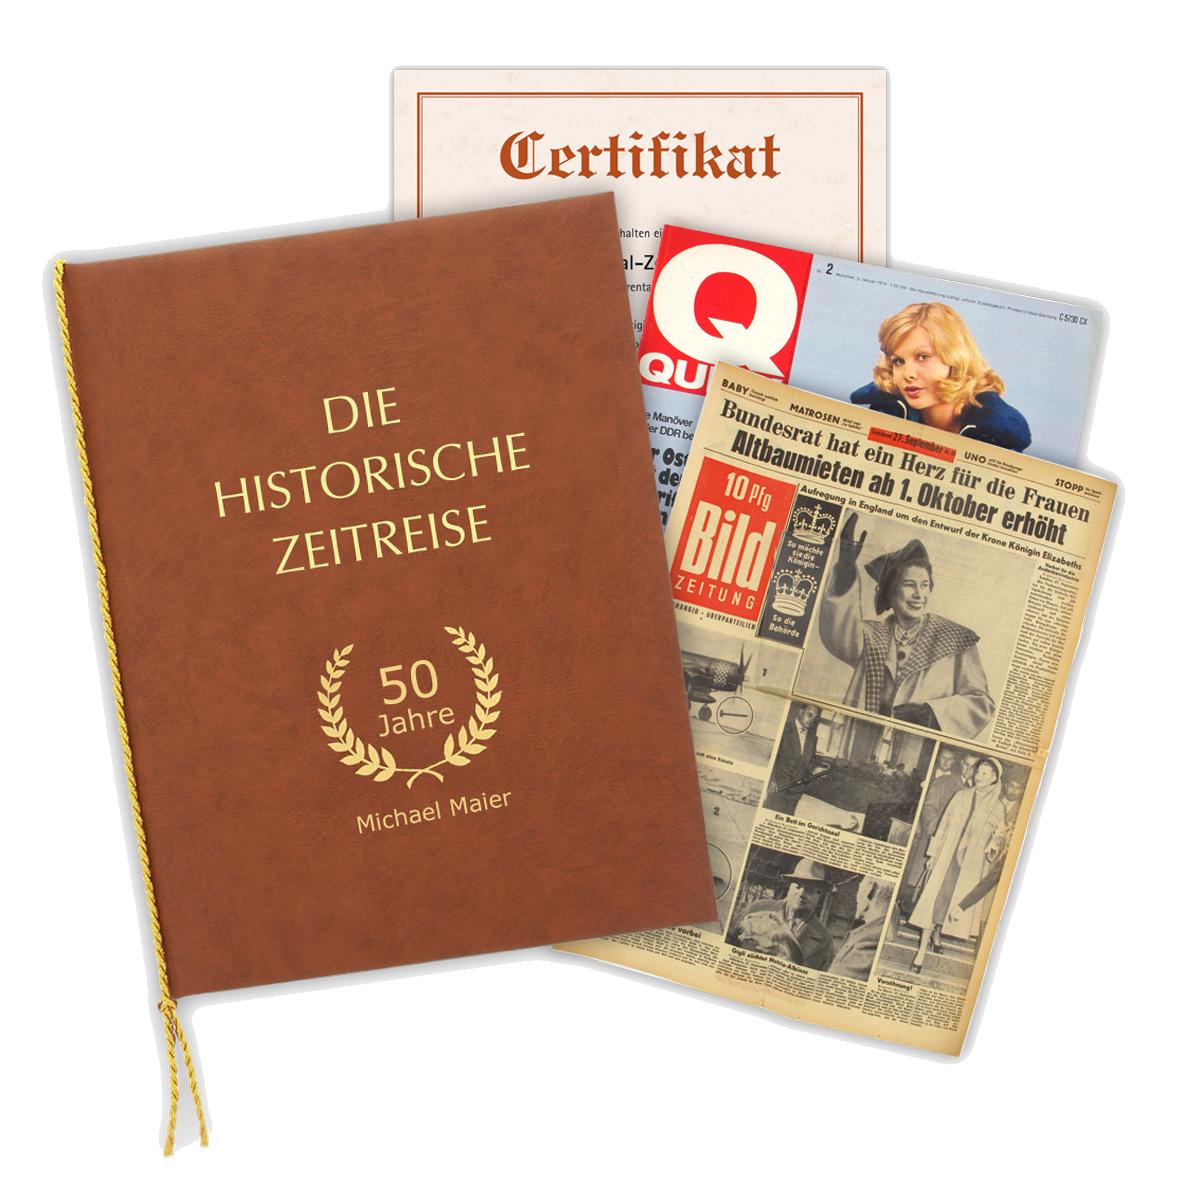 Alte Original-Zeitung vom Geburtstag 1900-2014 - das persönliche Geschenk. Verschenken Sie eine Zeitreise.